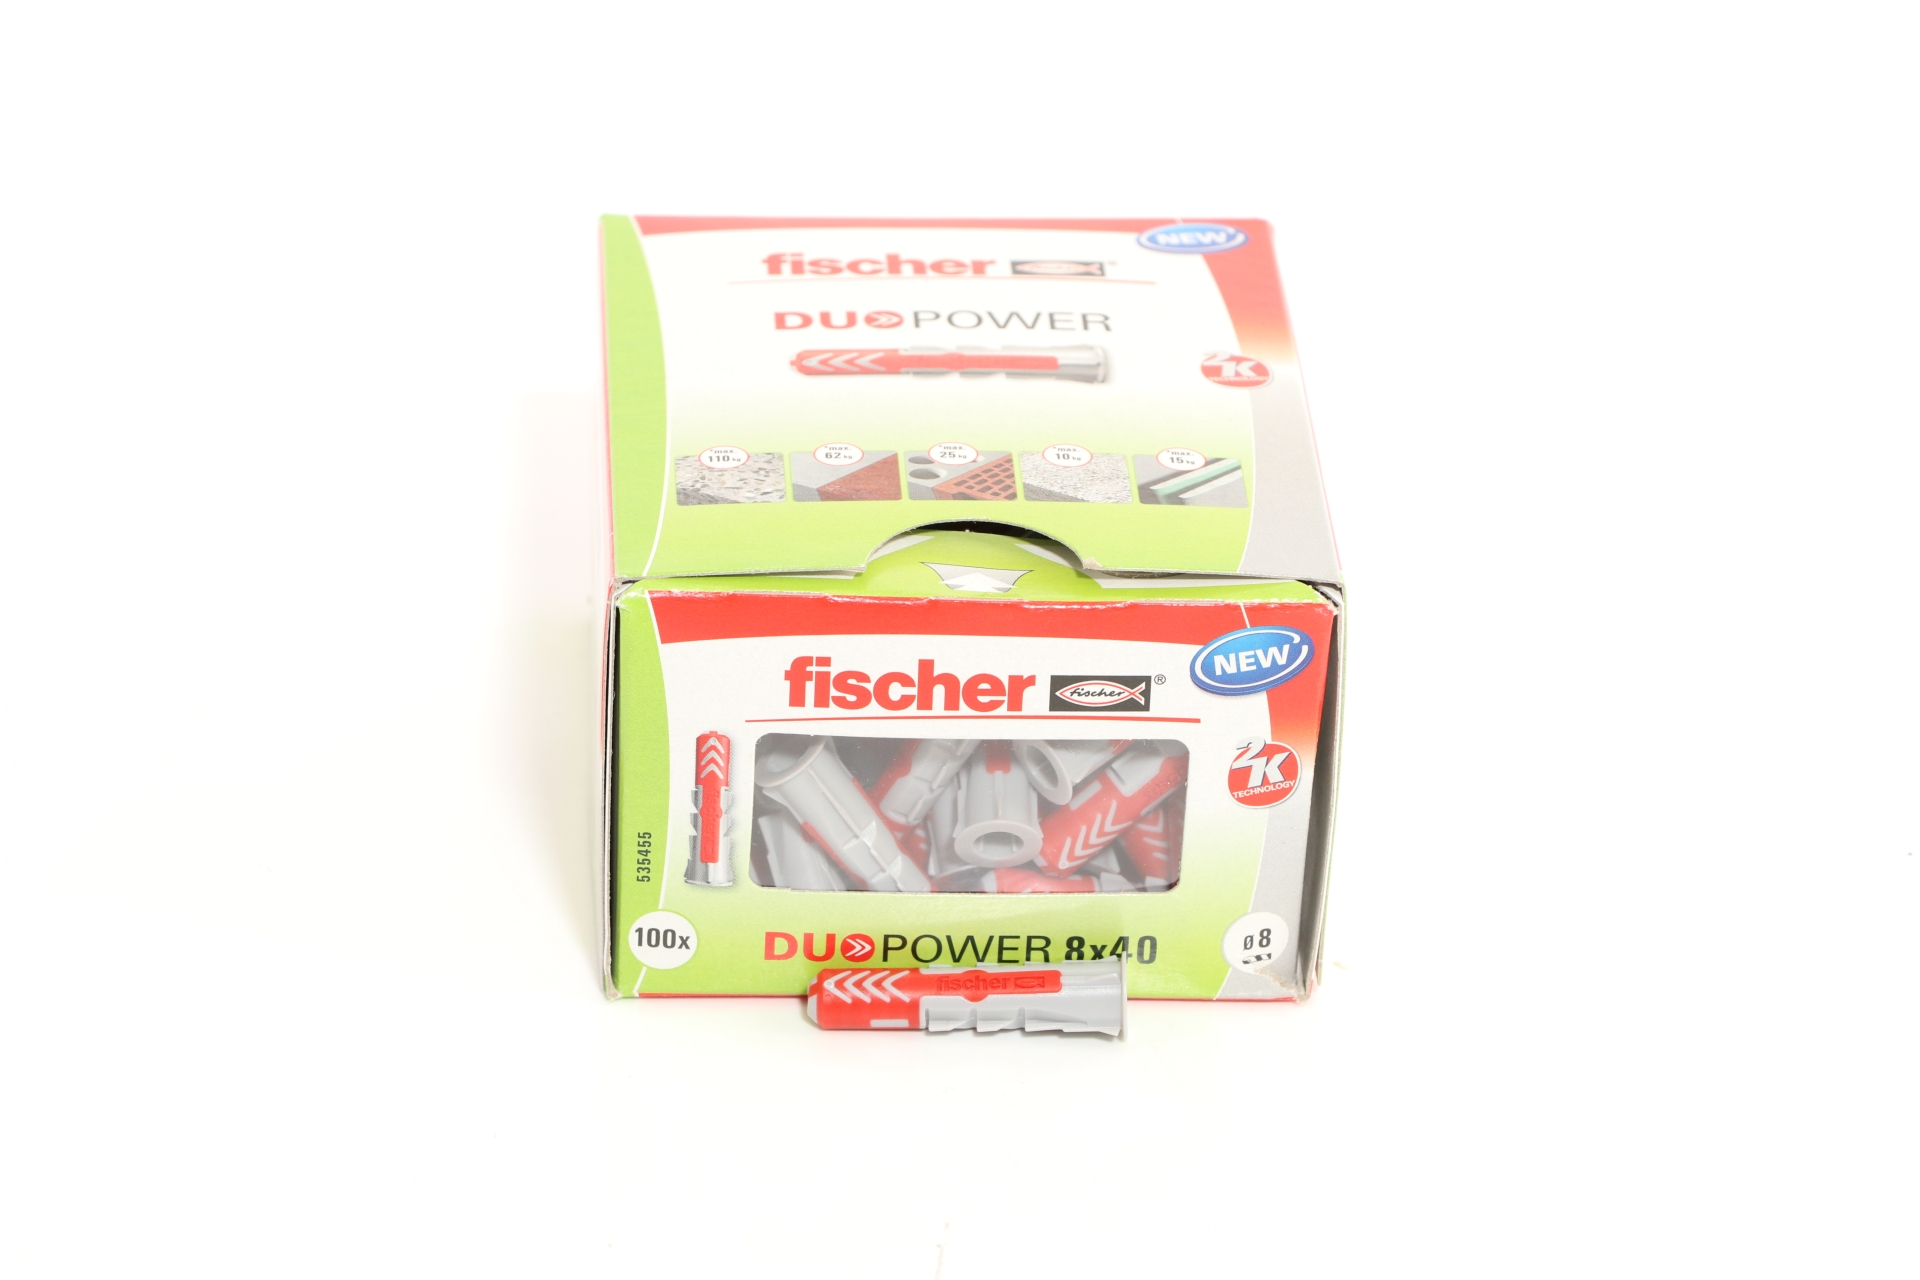 fischer Allzweckdübel DUOPOWER 8 x 40, 100 Stück